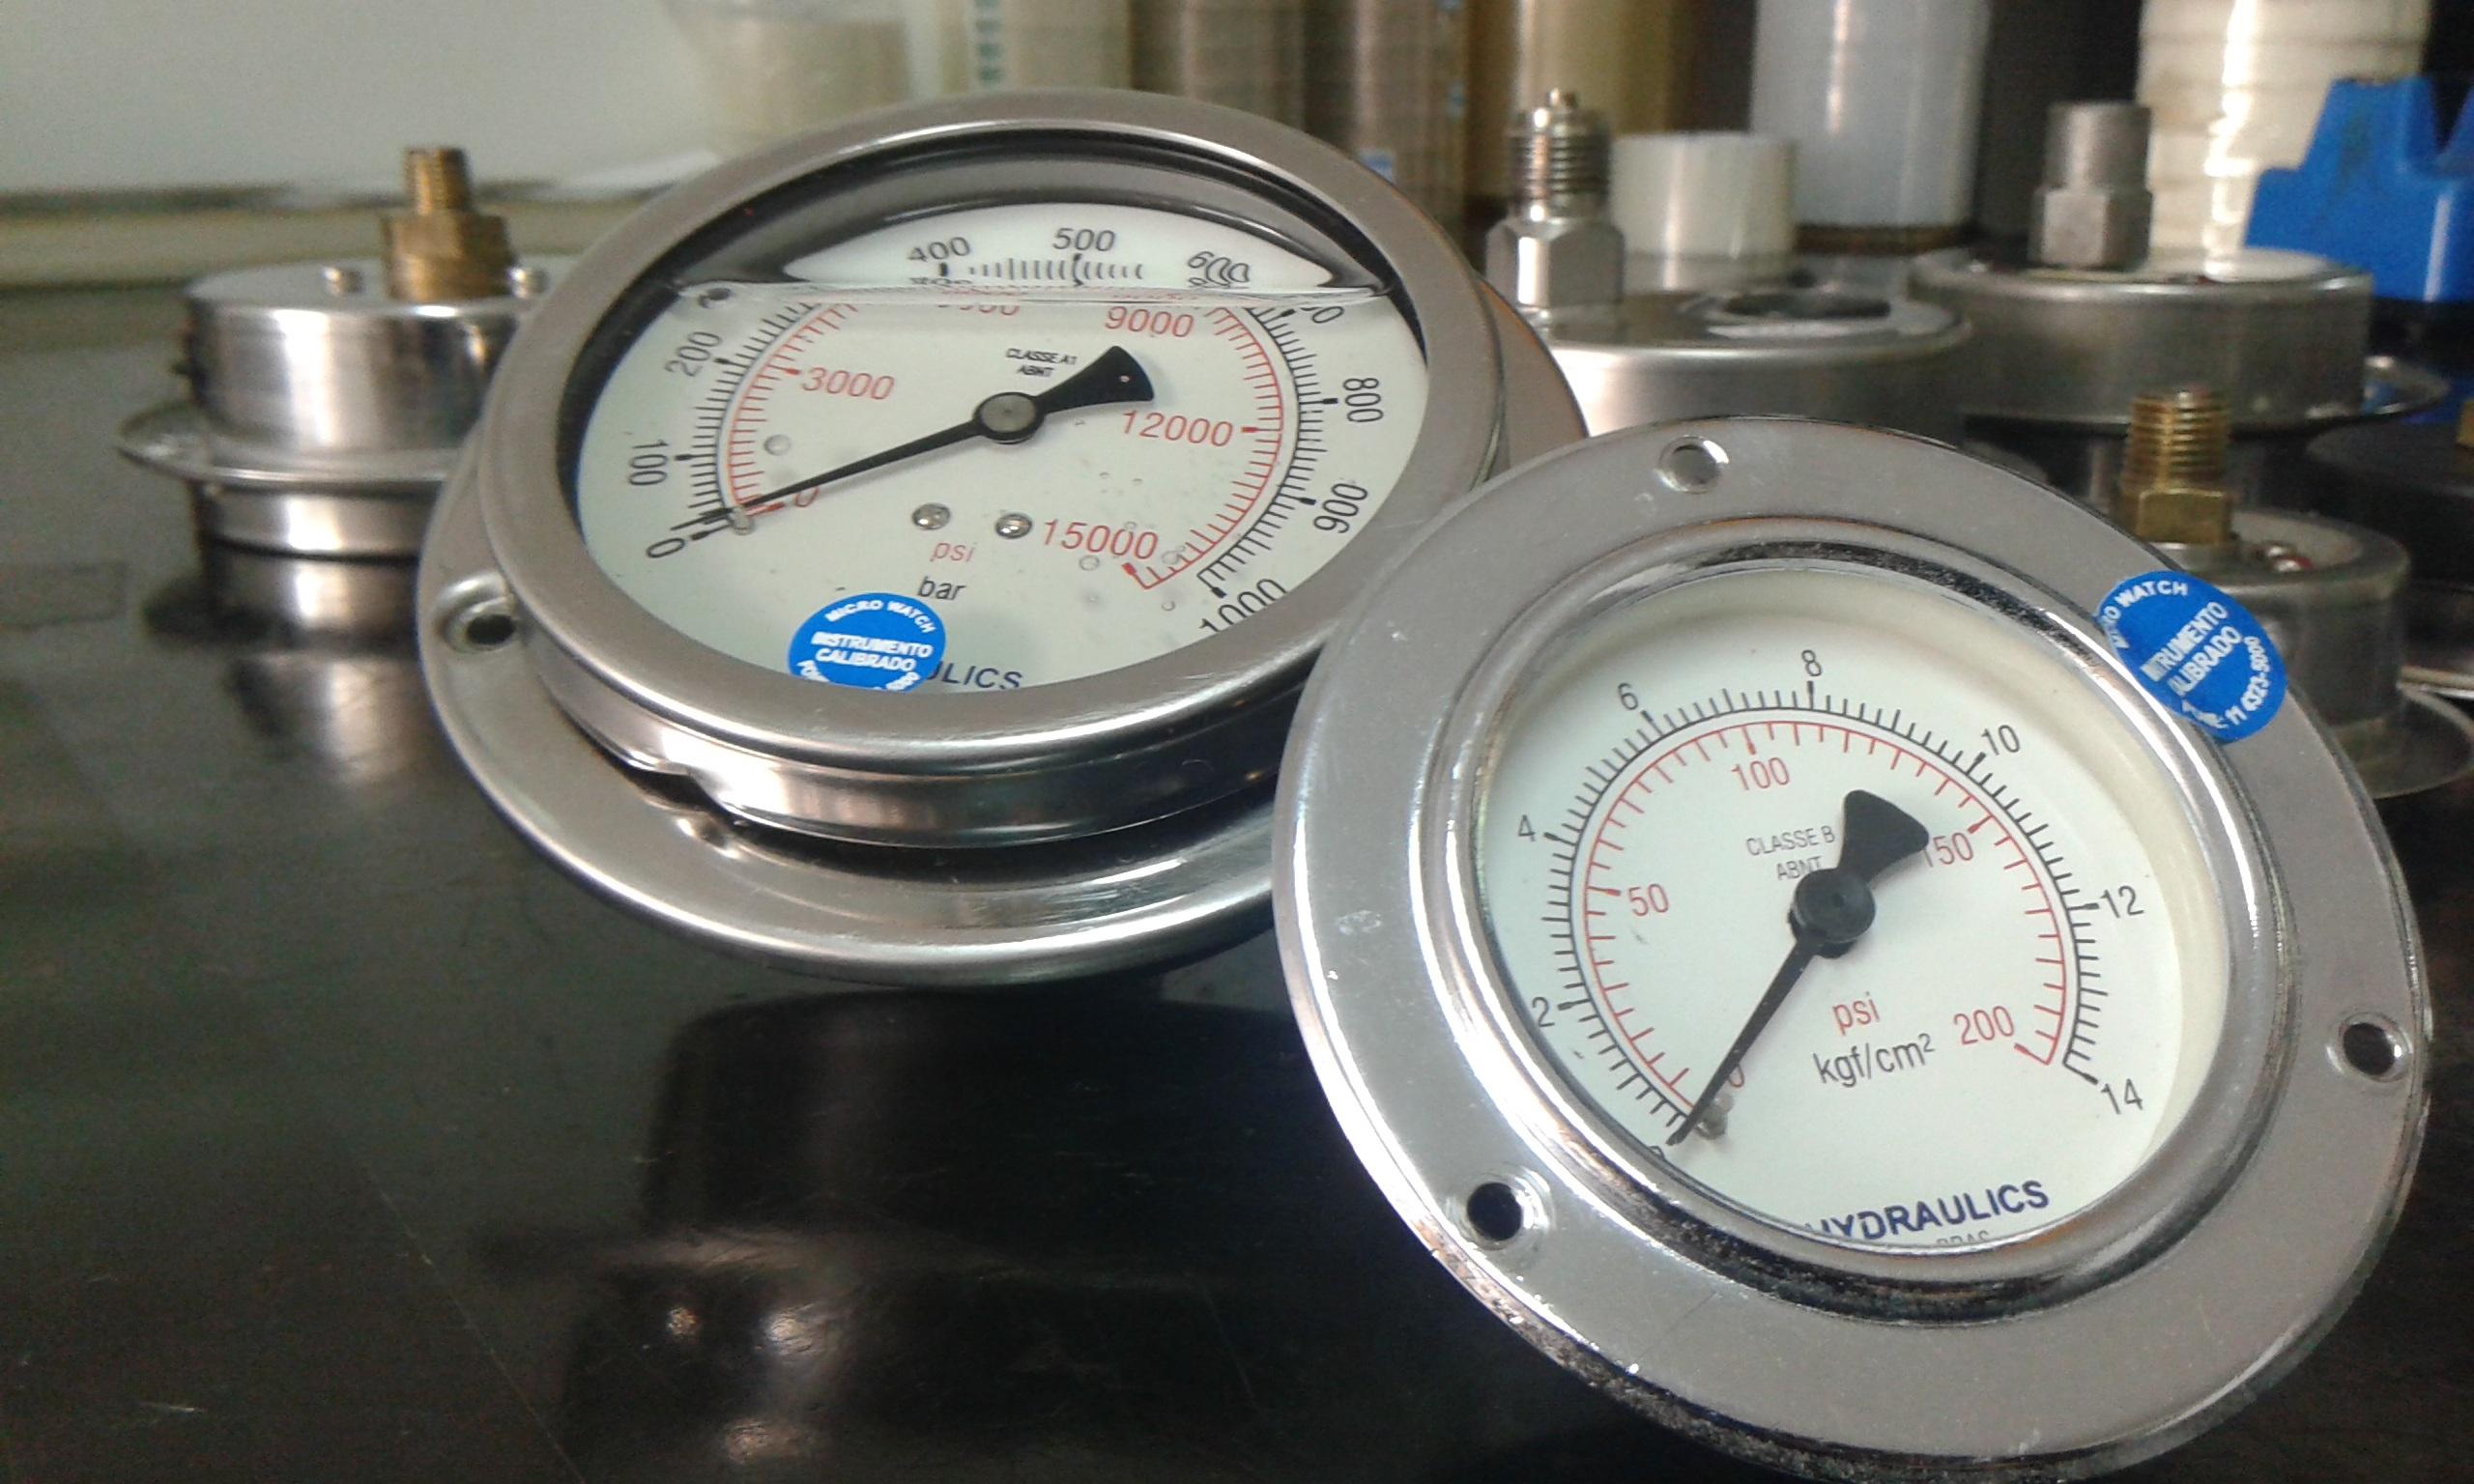 Metrology Measuring Instruments : รูปภาพ ล้อ เครื่องวัดความเร็วรอบ การวัด มาตรวิทยา